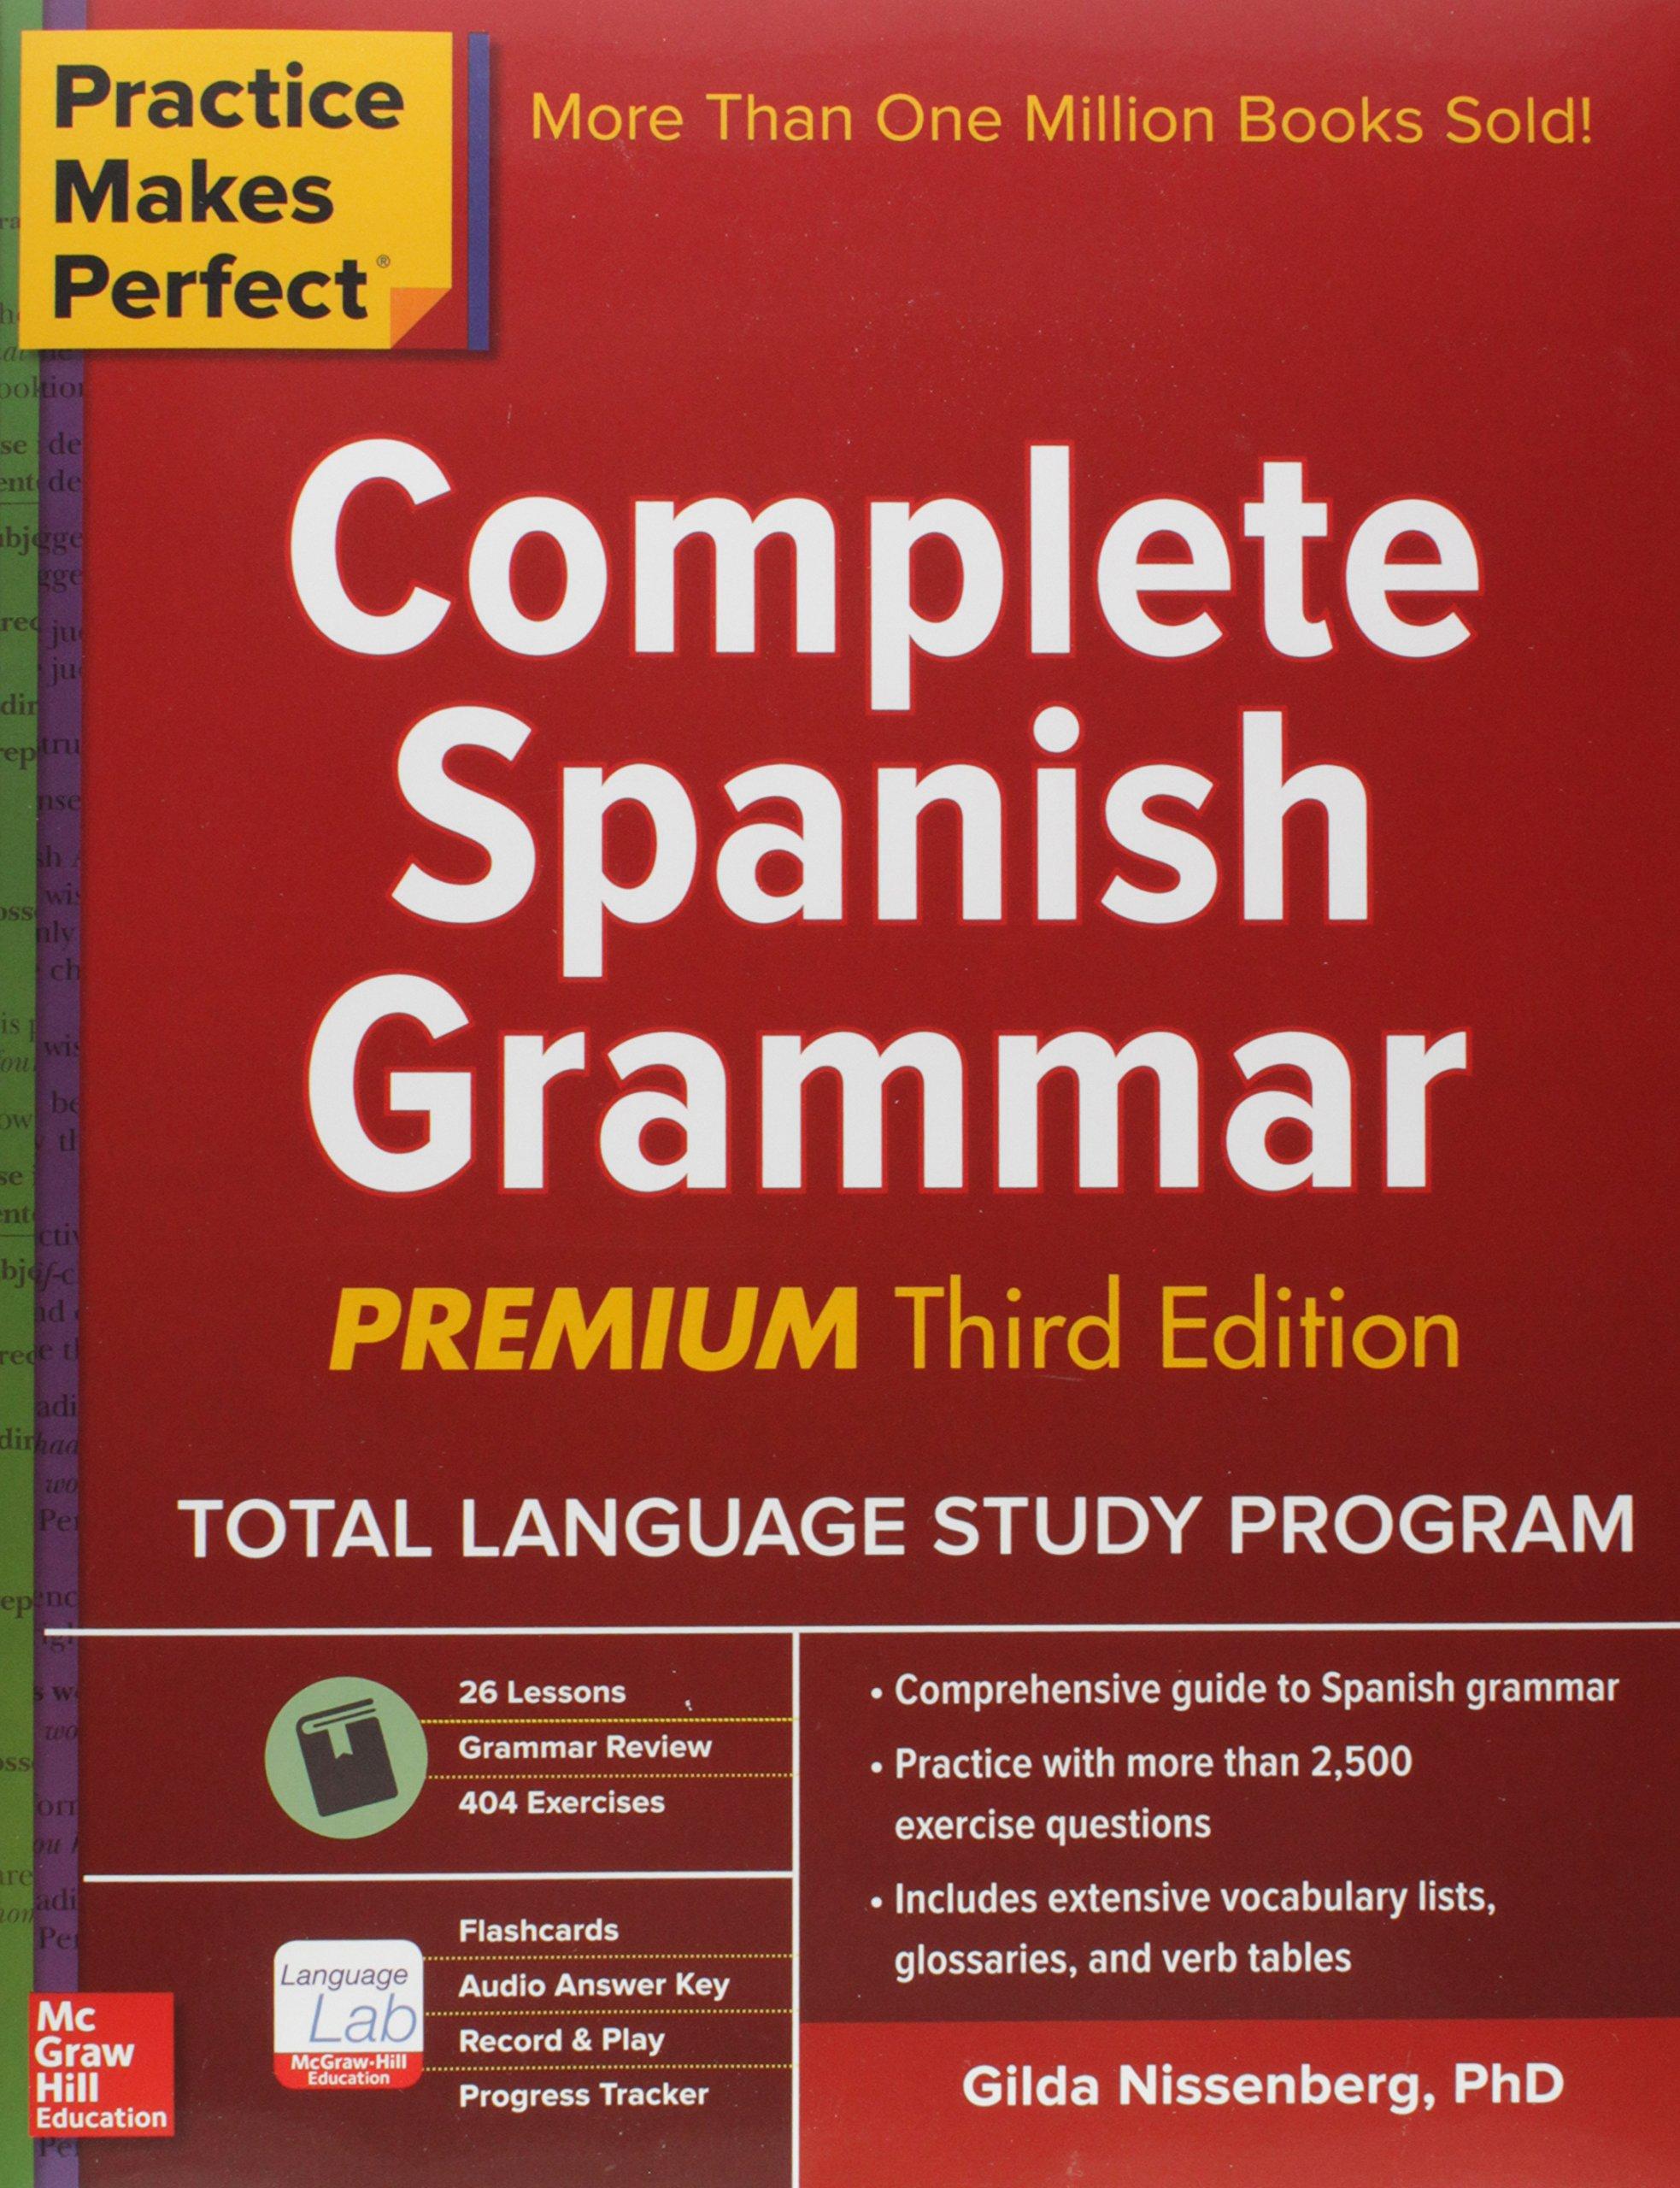 Practice Makes Perfect Complete Spanish Grammar Premium Third